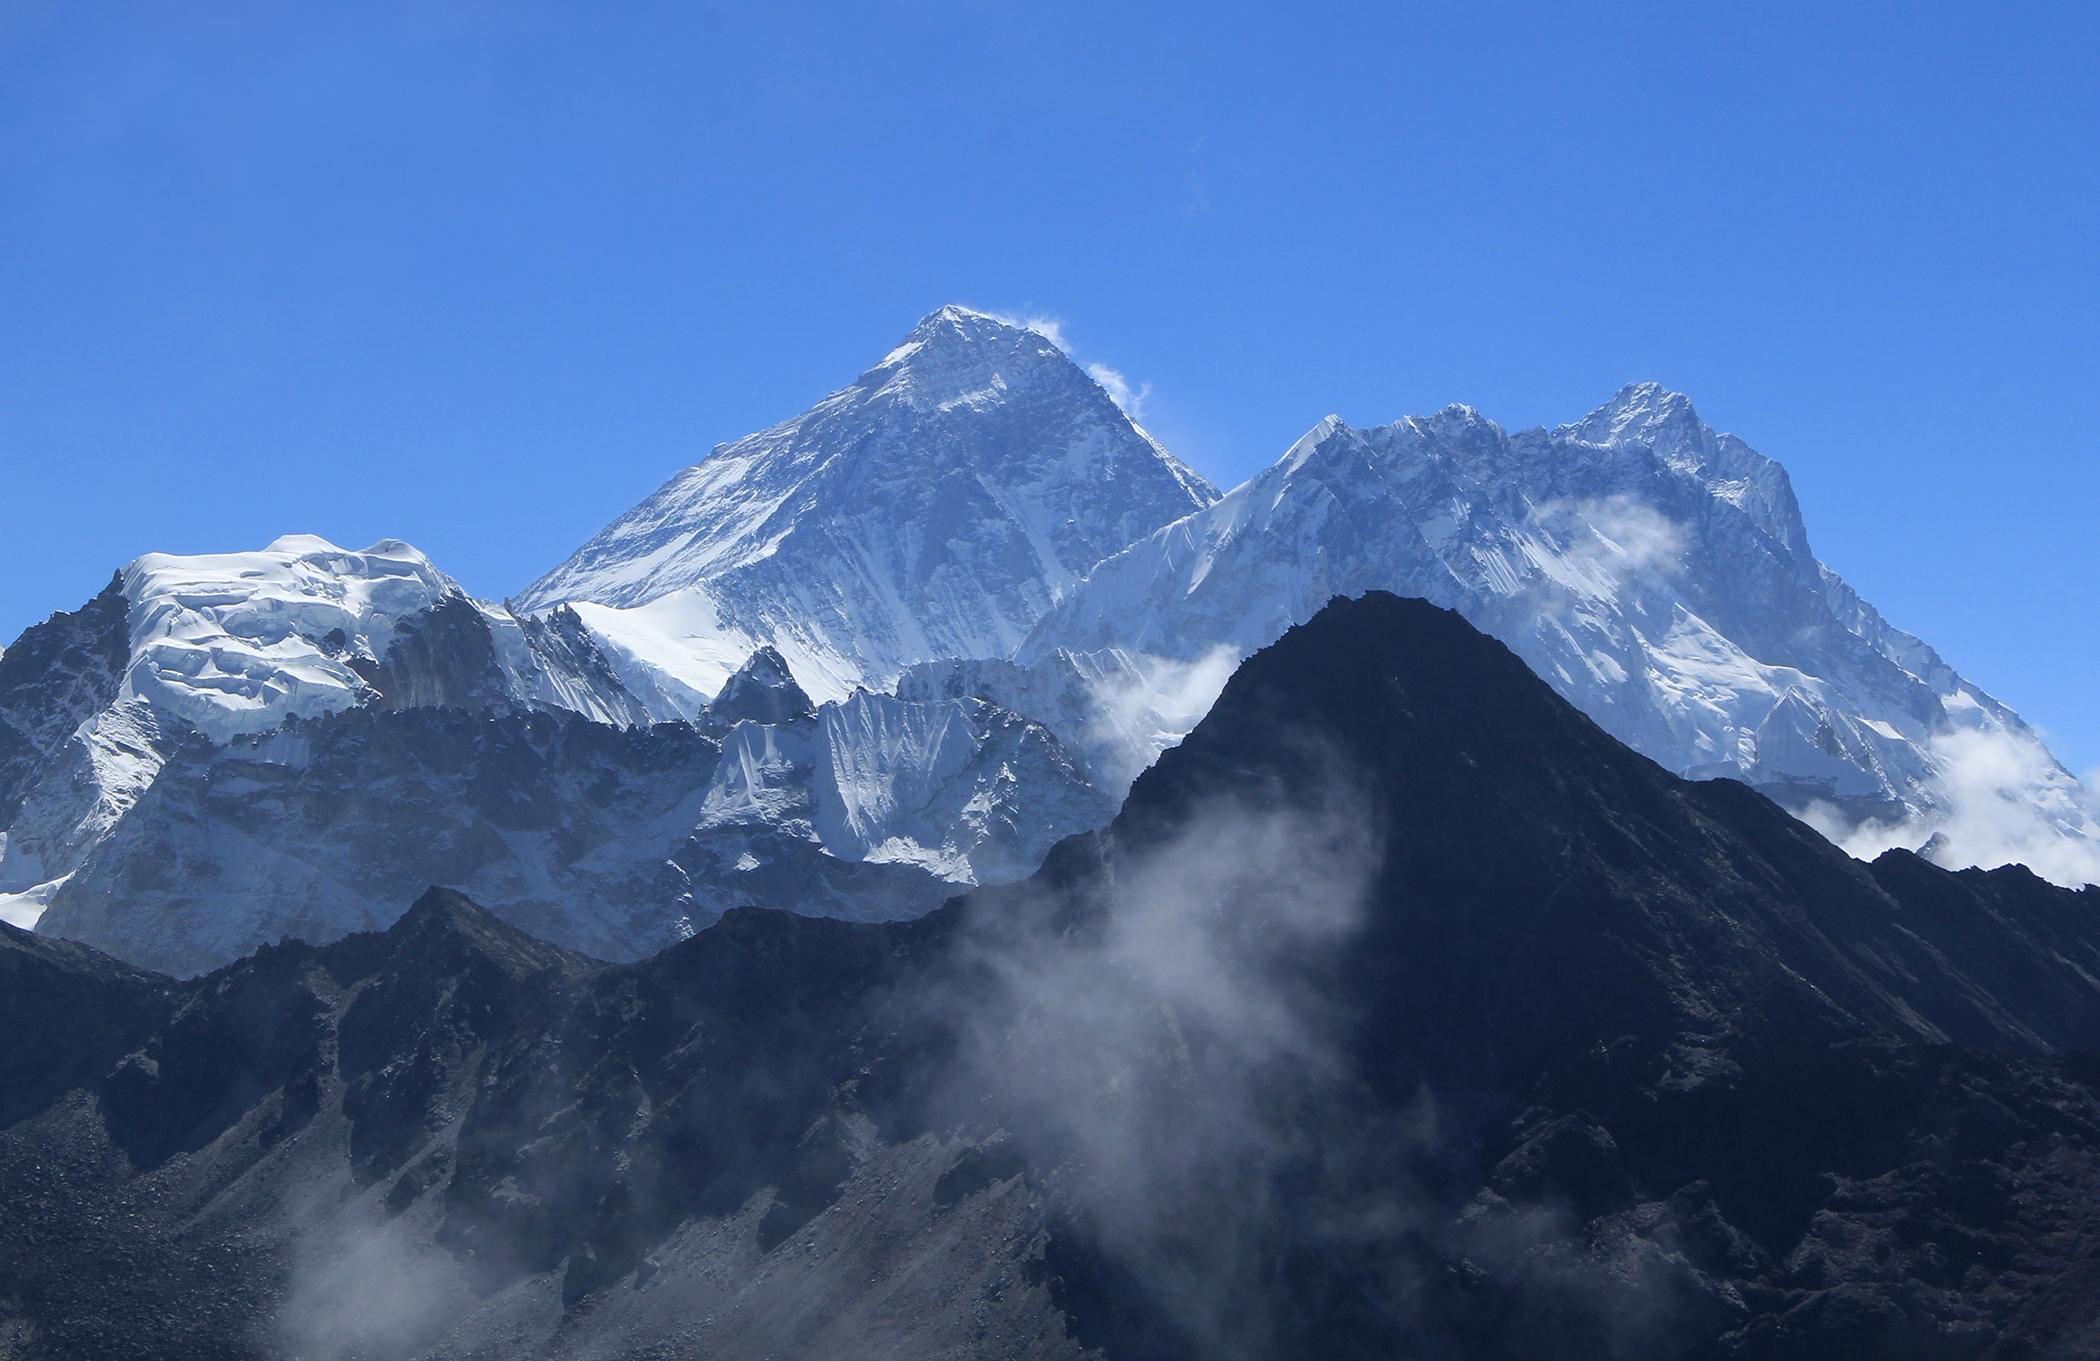 Nepal bans 2 Indian climbers नेपाल ने 2 भारतीय पर्वतारोहियों पर 10 साल का प्रतिबंध लगाया